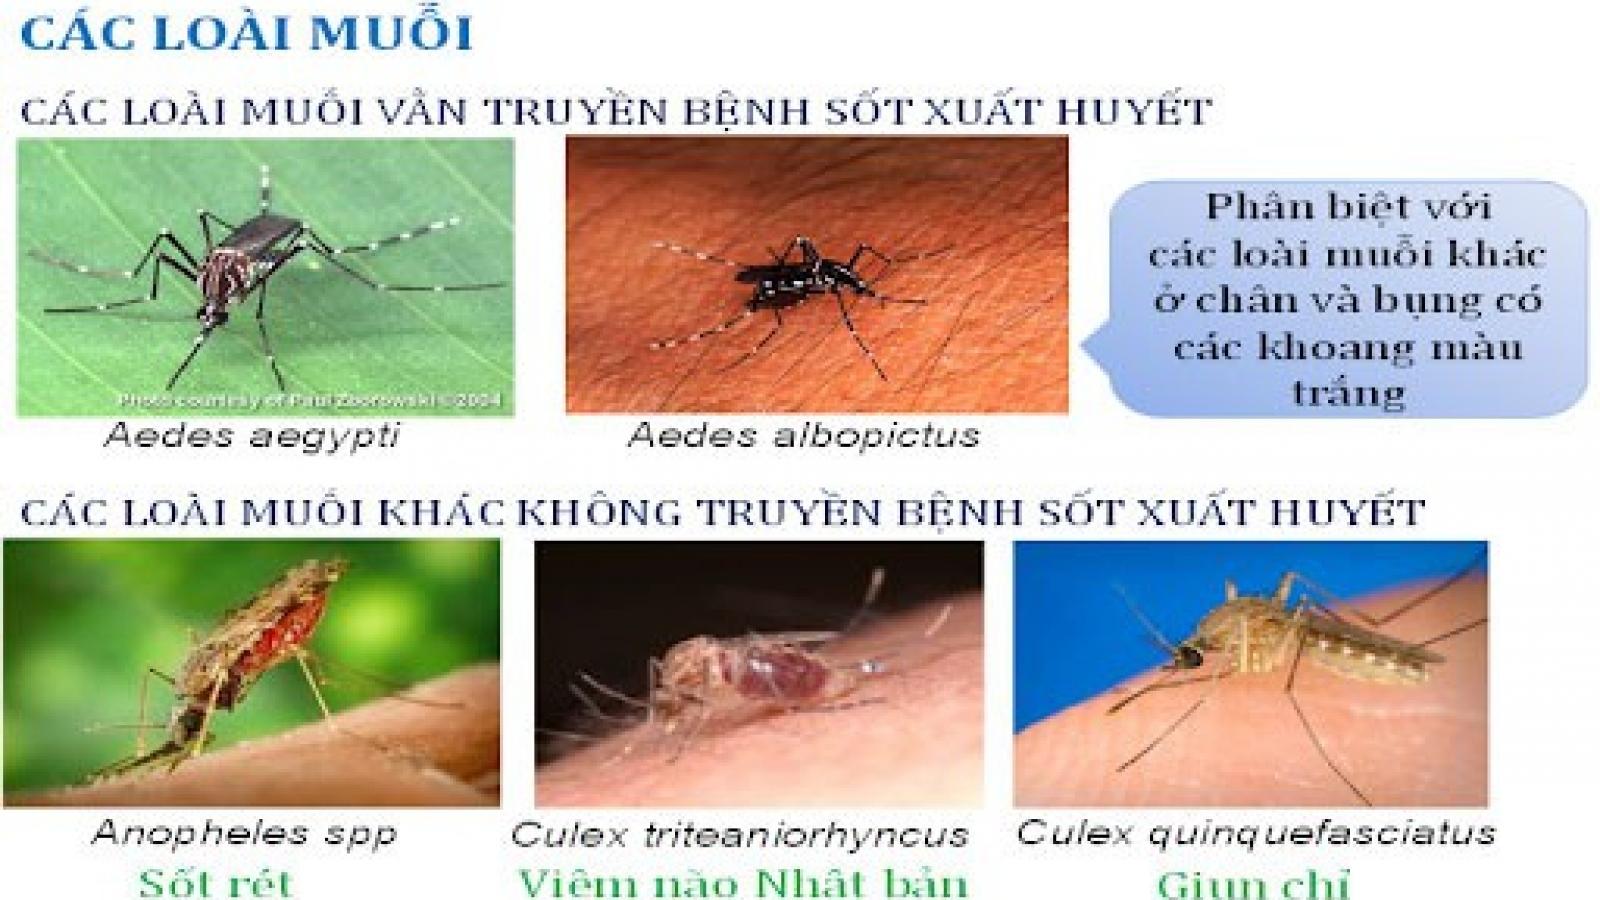 2 ca tử vong do sốt xuất huyết tại Hà Nội chỉ trong nửa tháng 